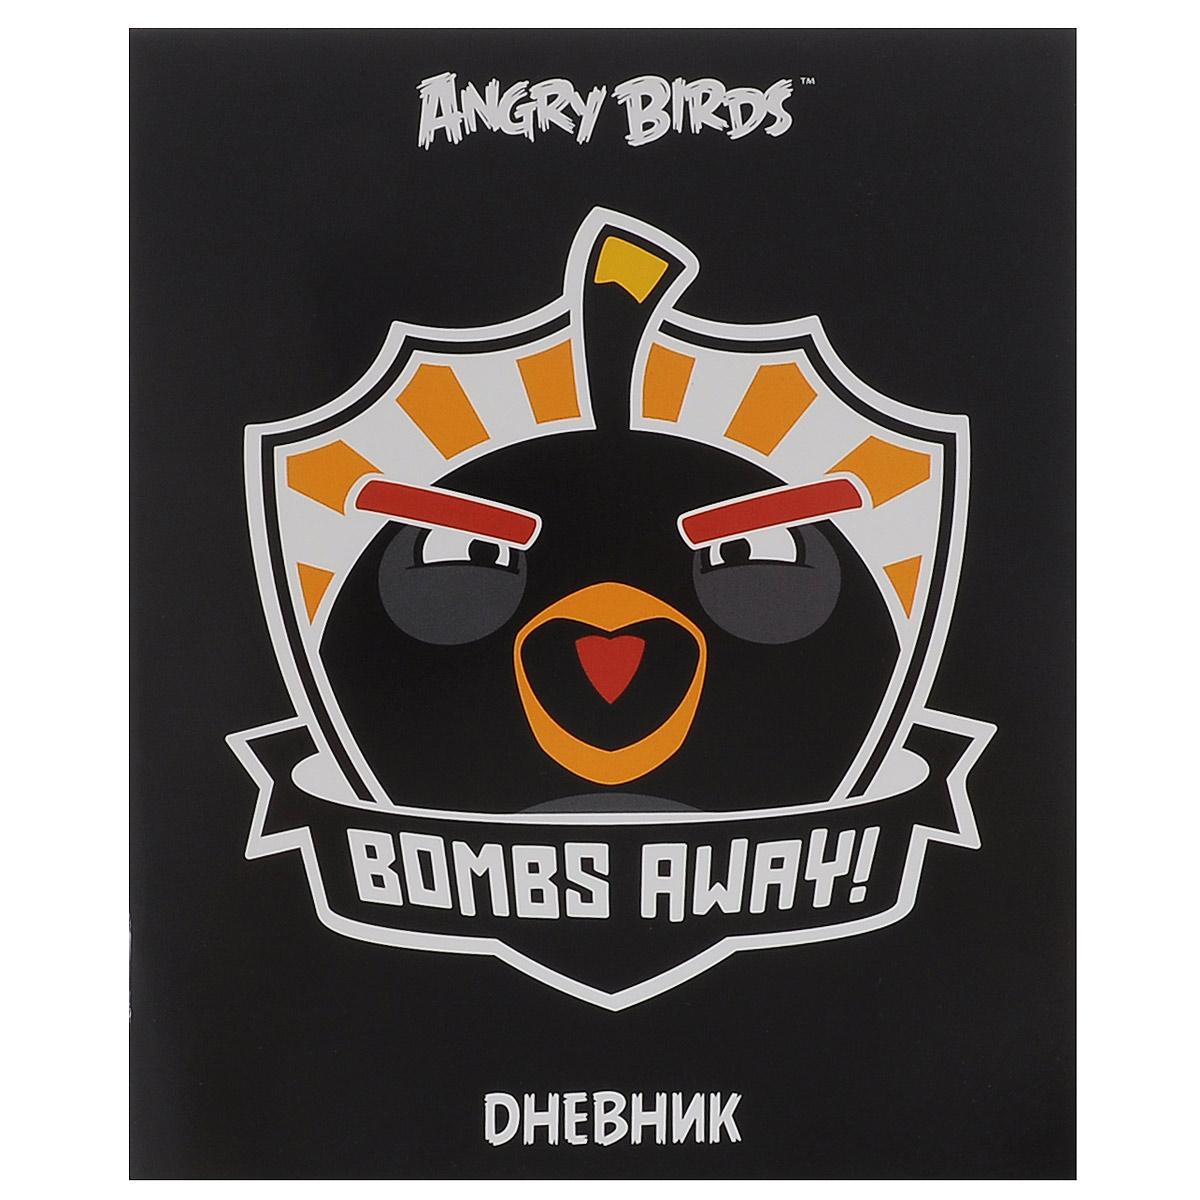 Дневник школьный Hatber Angry Birds, цвет: черный. 40Д5B_1185740Д5B_11857Школьный дневник Hatber Angry Birds - первый ежедневник вашего ребенка. Он поможет ему не забыть свои задания, а вы всегда сможете проконтролировать его успеваемость. Дневник предназначен для учеников 1-11 классов. Обложка дневника выполнена из мелованного картона и оформлена изображением сердитой птички из популярной компьютерной игры Angry Birds. Внутренний блок изготовлен из белой бумаги с четкой линовкой черного цвета и состоит из 40 листов. В структуру дневника входят все необходимые разделы: информация о личных данных ученика, школе и педагогах, друзьях и одноклассниках, расписание факультативов и занятий по четвертям. Дневник содержит номера телефонов экстренной помощи и даты государственных праздников. В конце дневника имеются сведения об успеваемости. Дневник Hatber Angry Birds станет надежным помощником ребенка в получении новых знаний и принесет радость своему хозяину в учебные будни. Рекомендуемый возраст: от 6 лет.